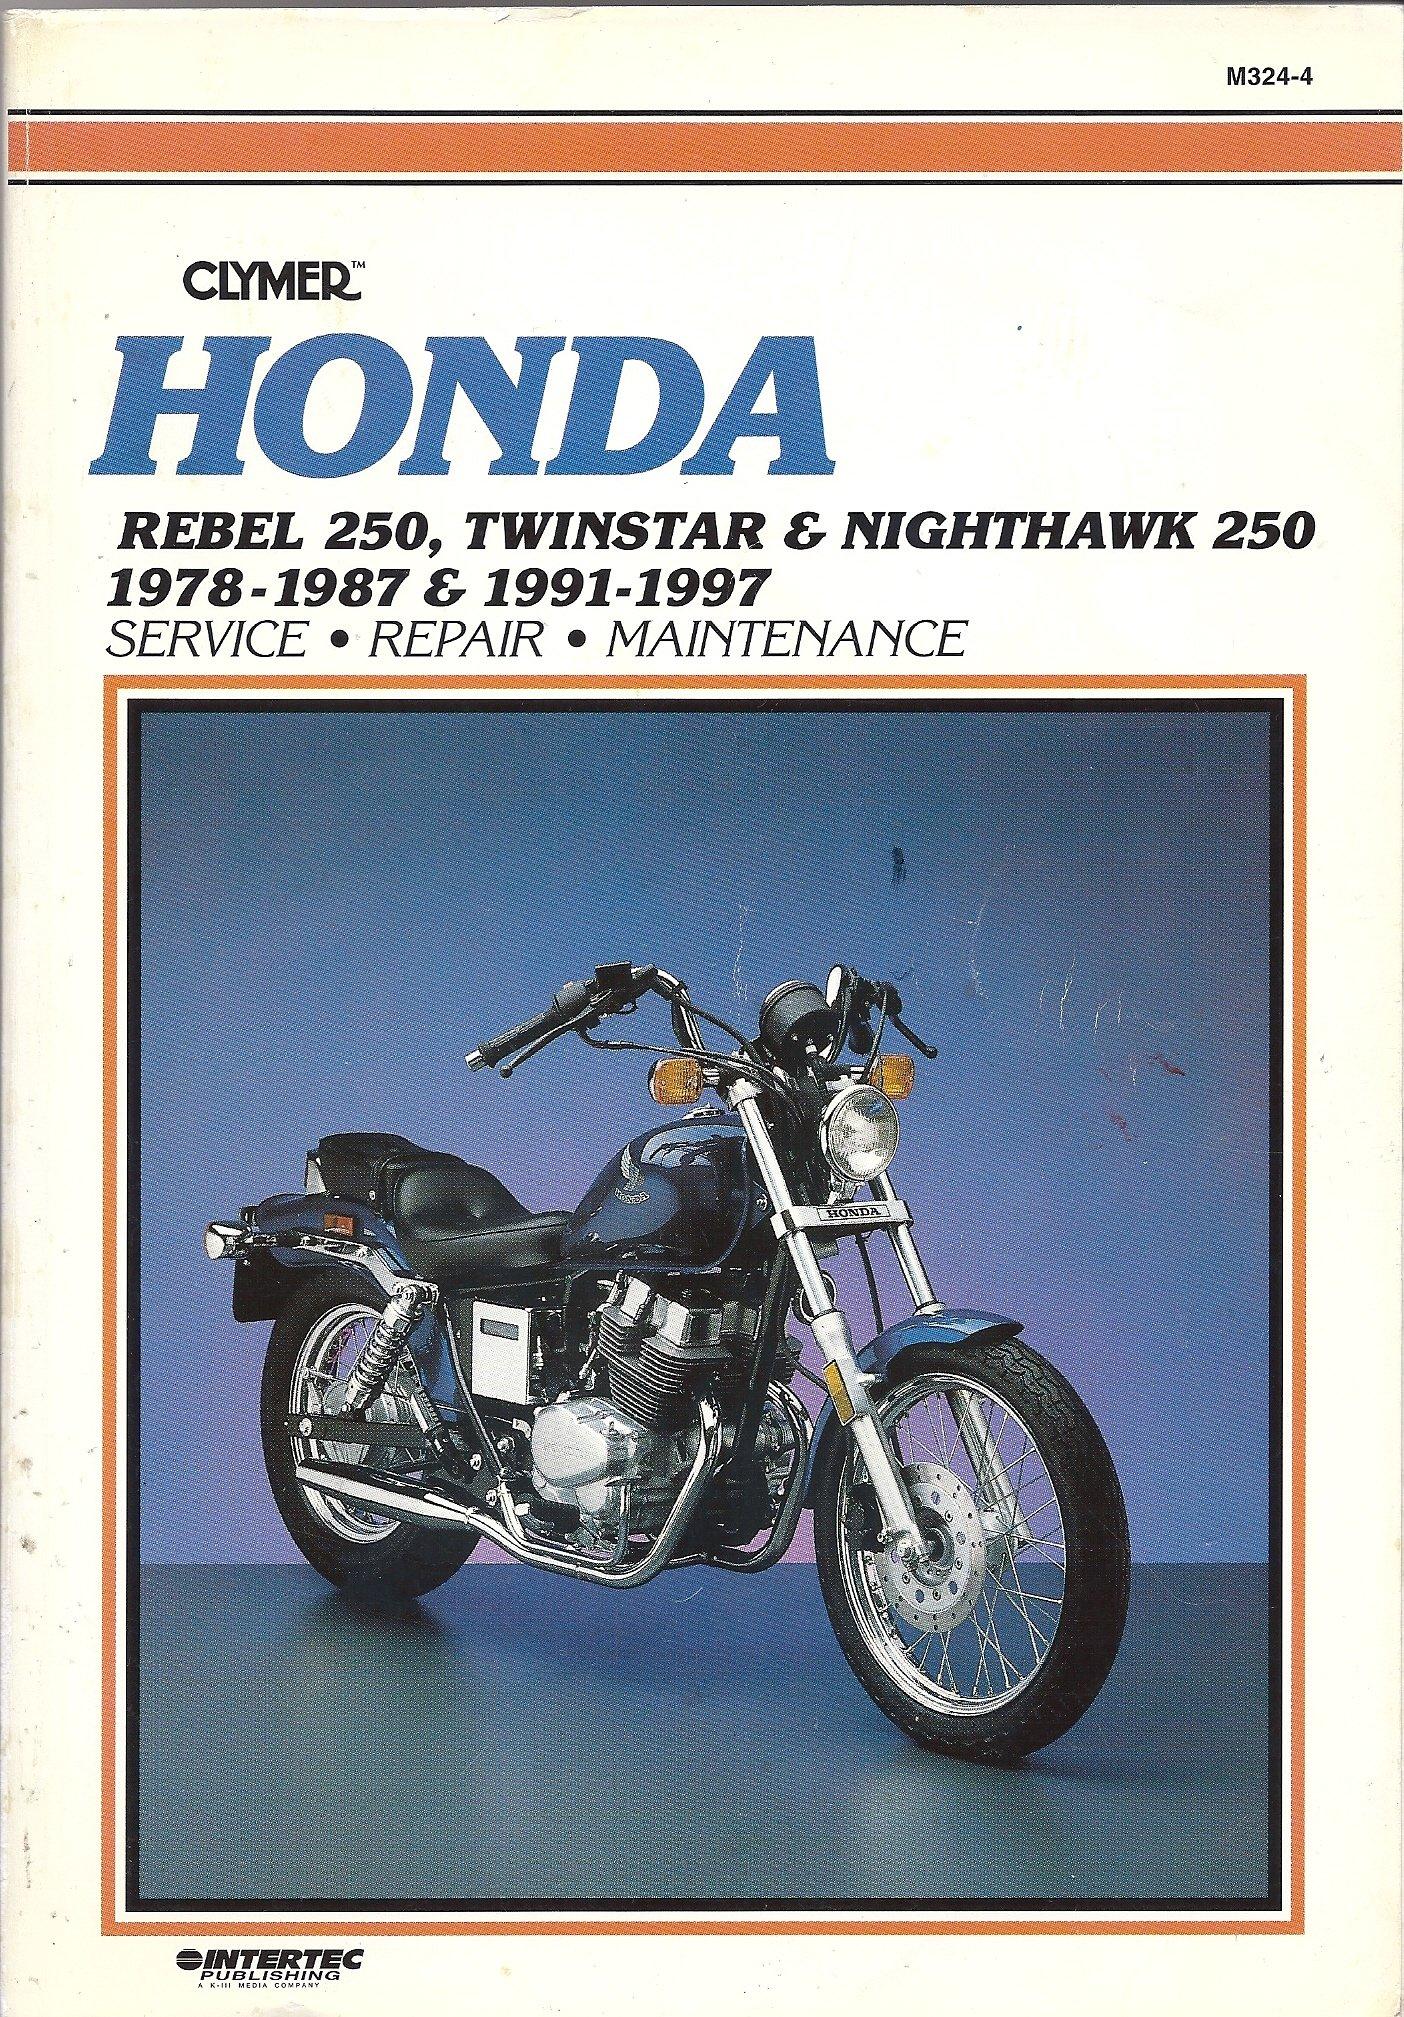 honda rebel 250 twinstar nighthawk 1978 1997 1991 1997 ed rh amazon com Honda Twinstar Motorcycle 1981 Honda Twin Star